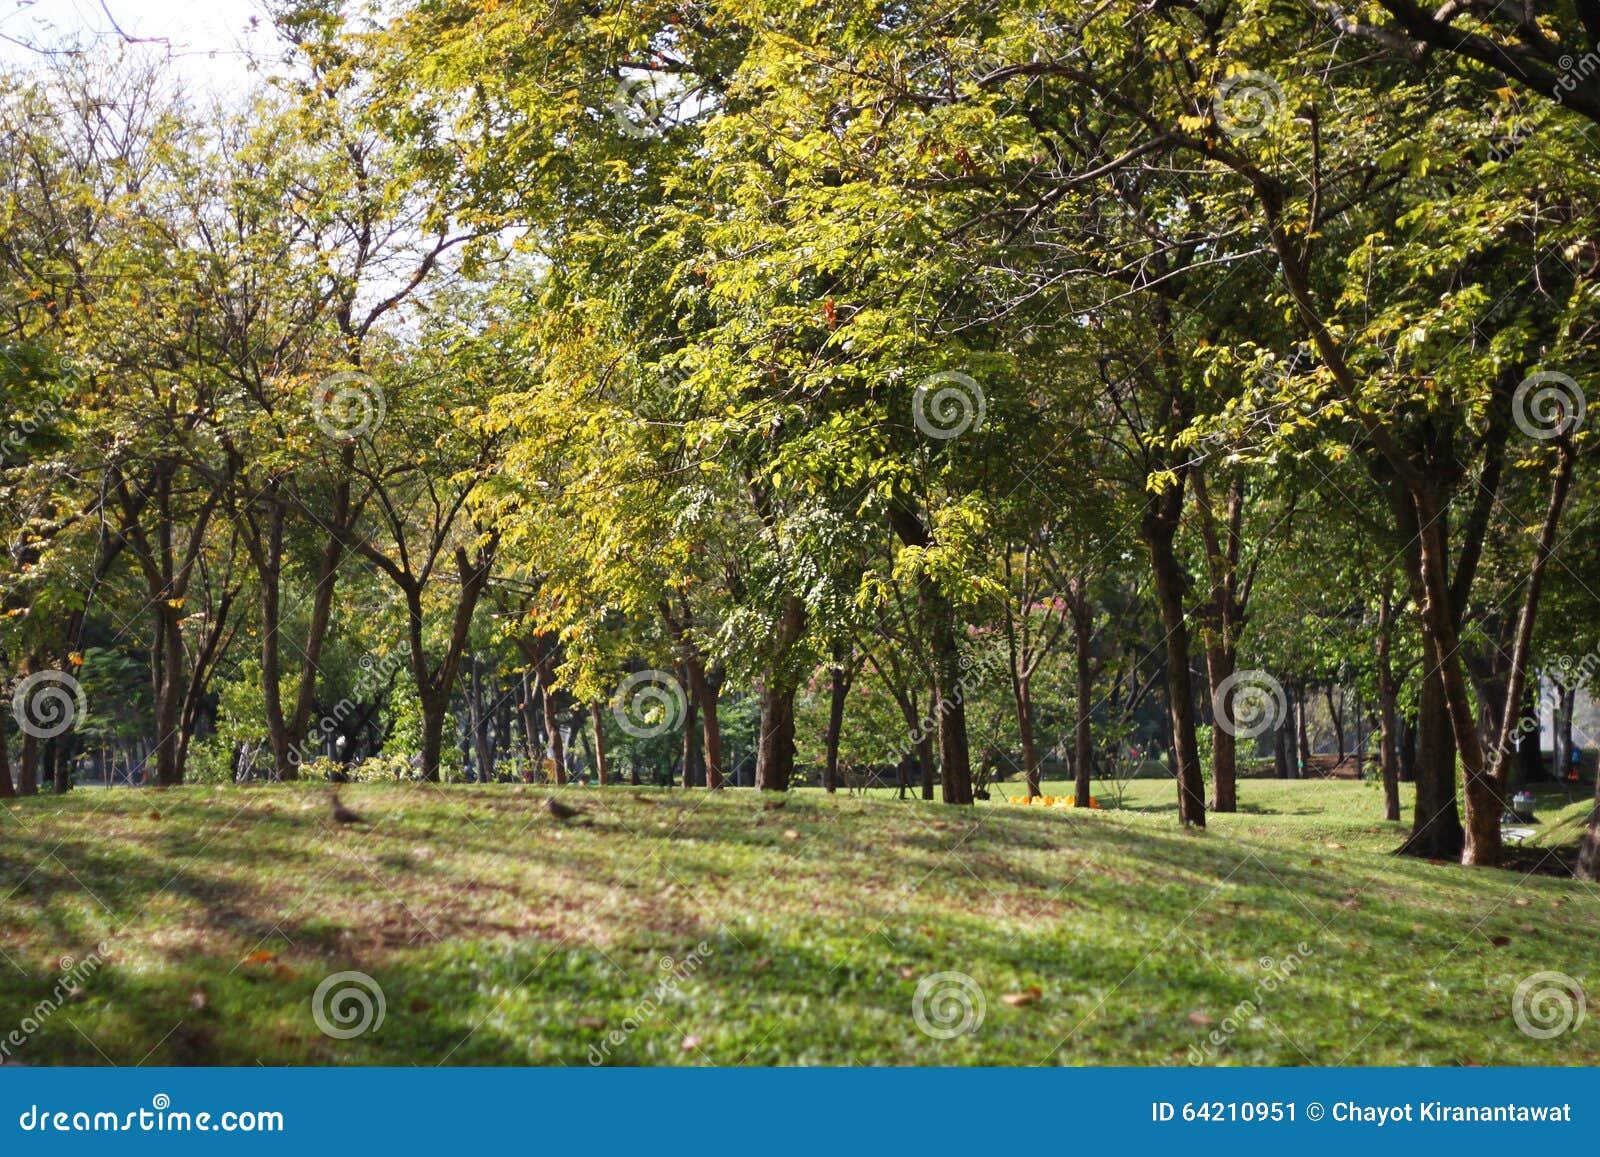 Opinión del paisaje del parque público de la mañana